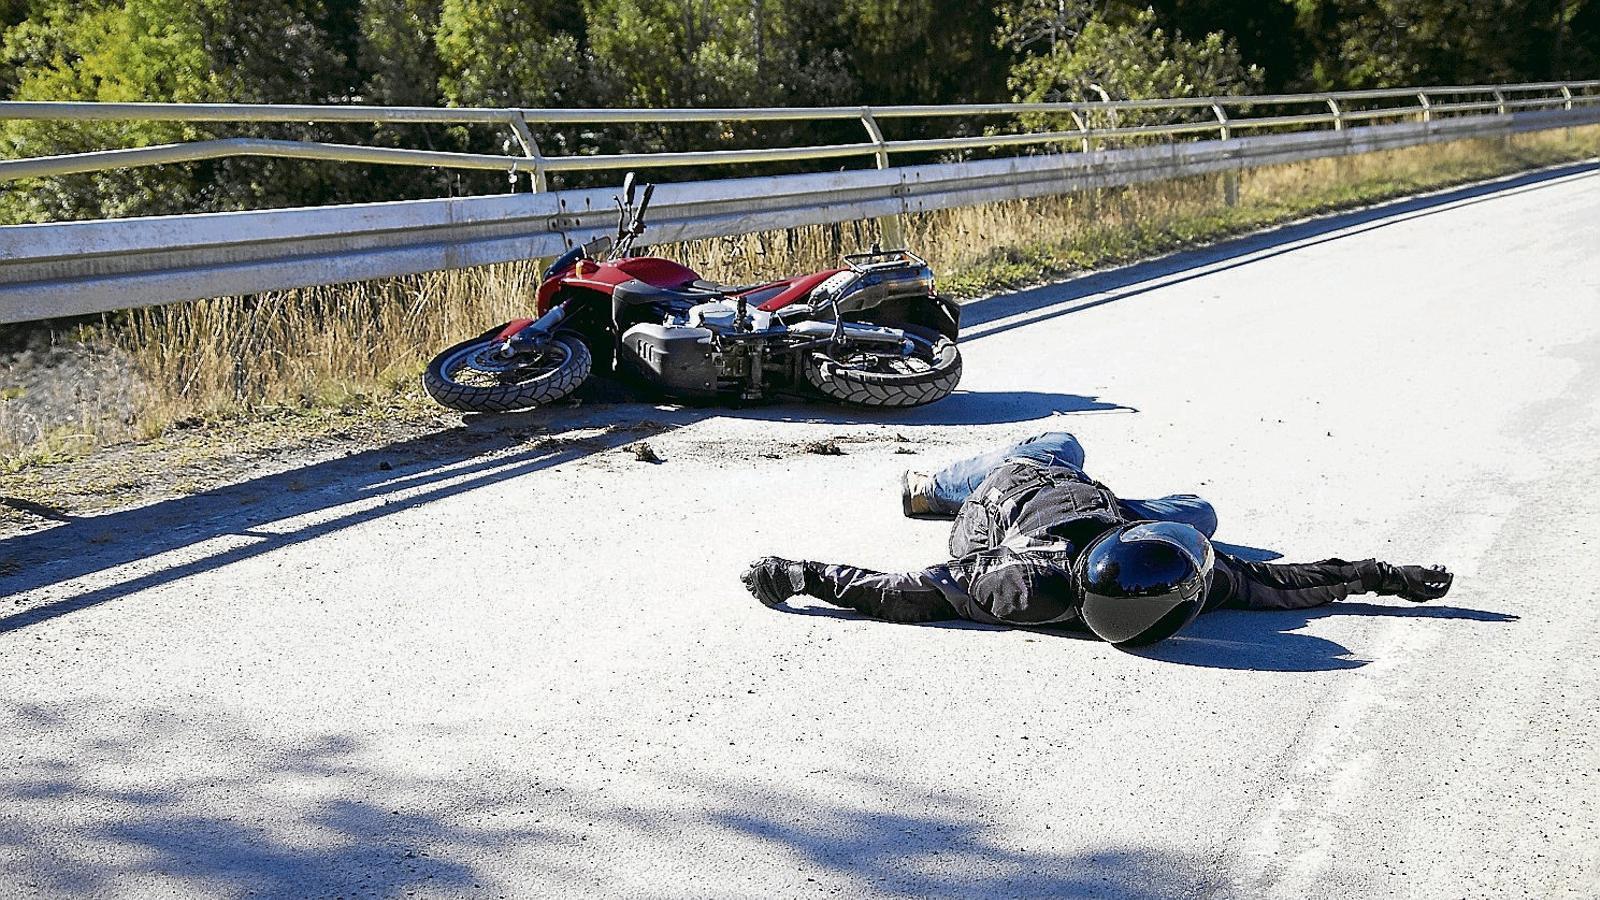 La mortalitat en accidents de motos s'ha doblat respecte al mateix període de l'any passat.